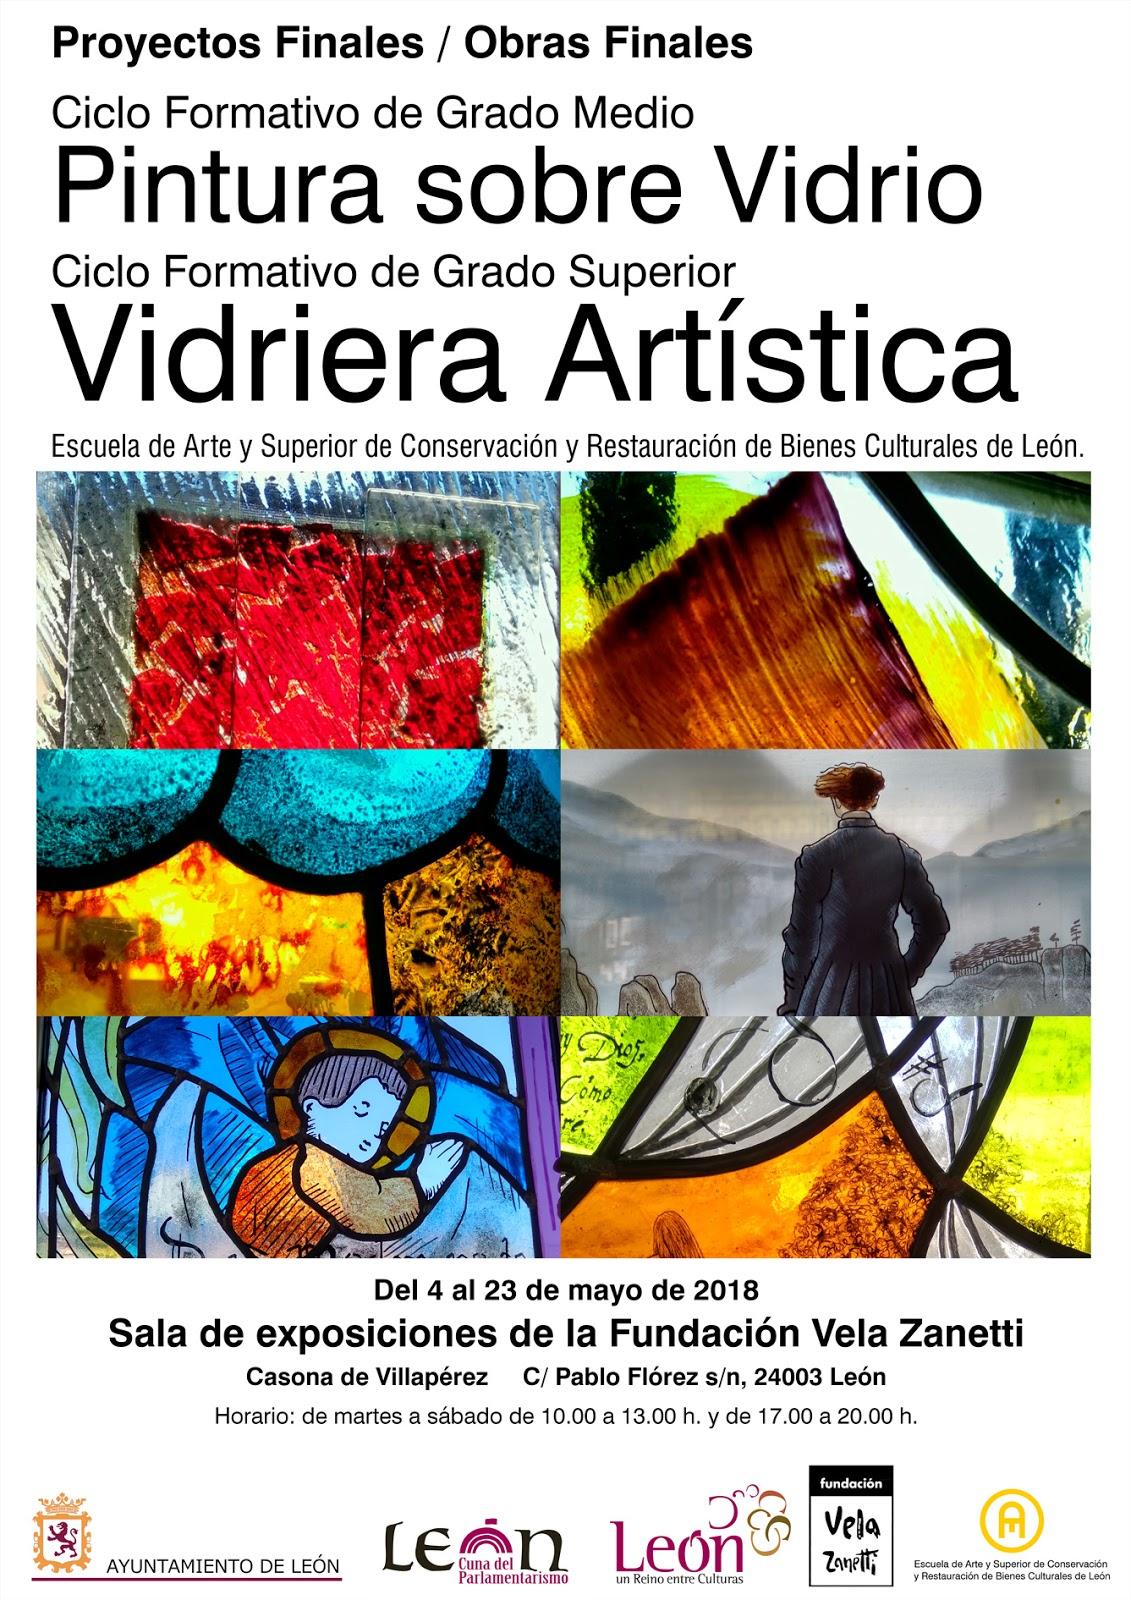 Exposición Proyectos Finales Pintura Sobre Vidrio Y Vidriera